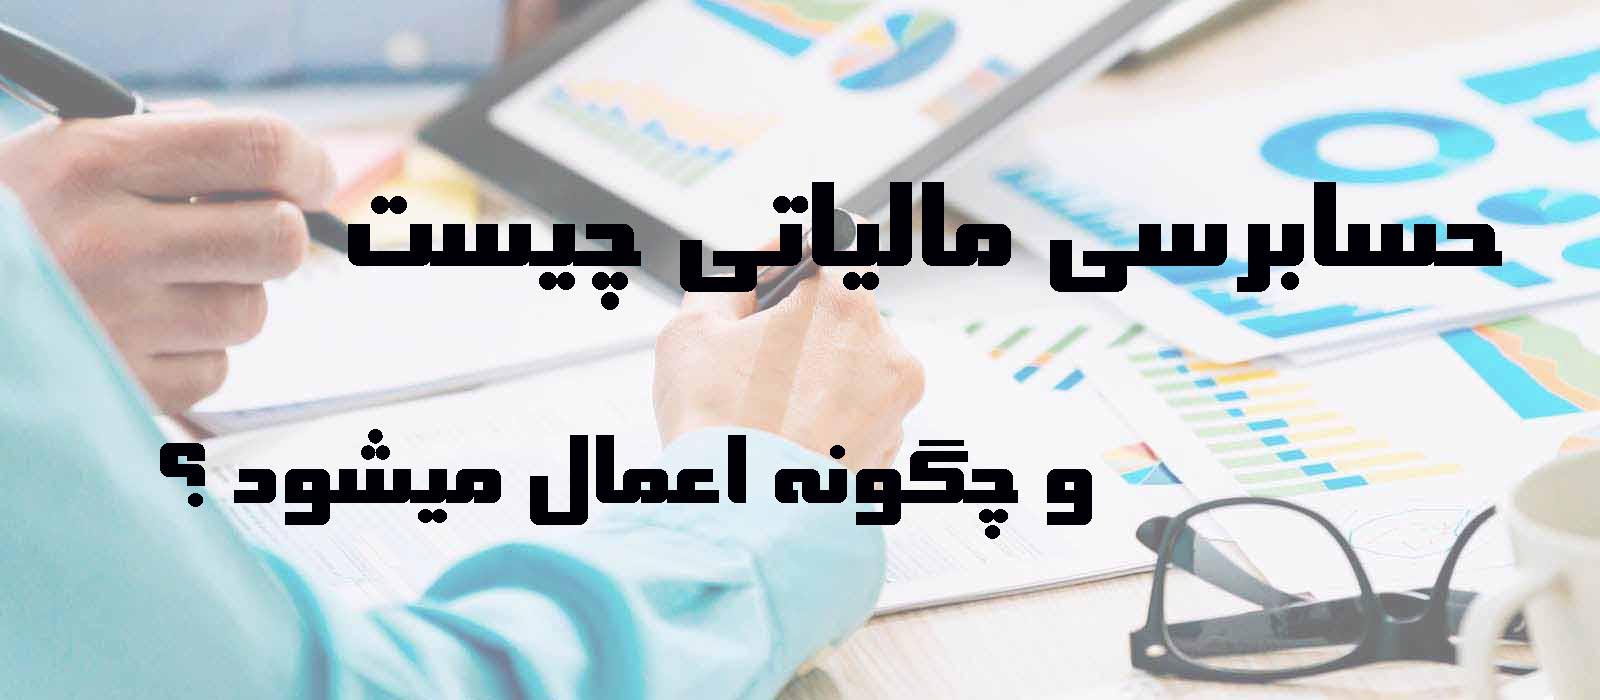 تعریف حسابرسی مالیاتی